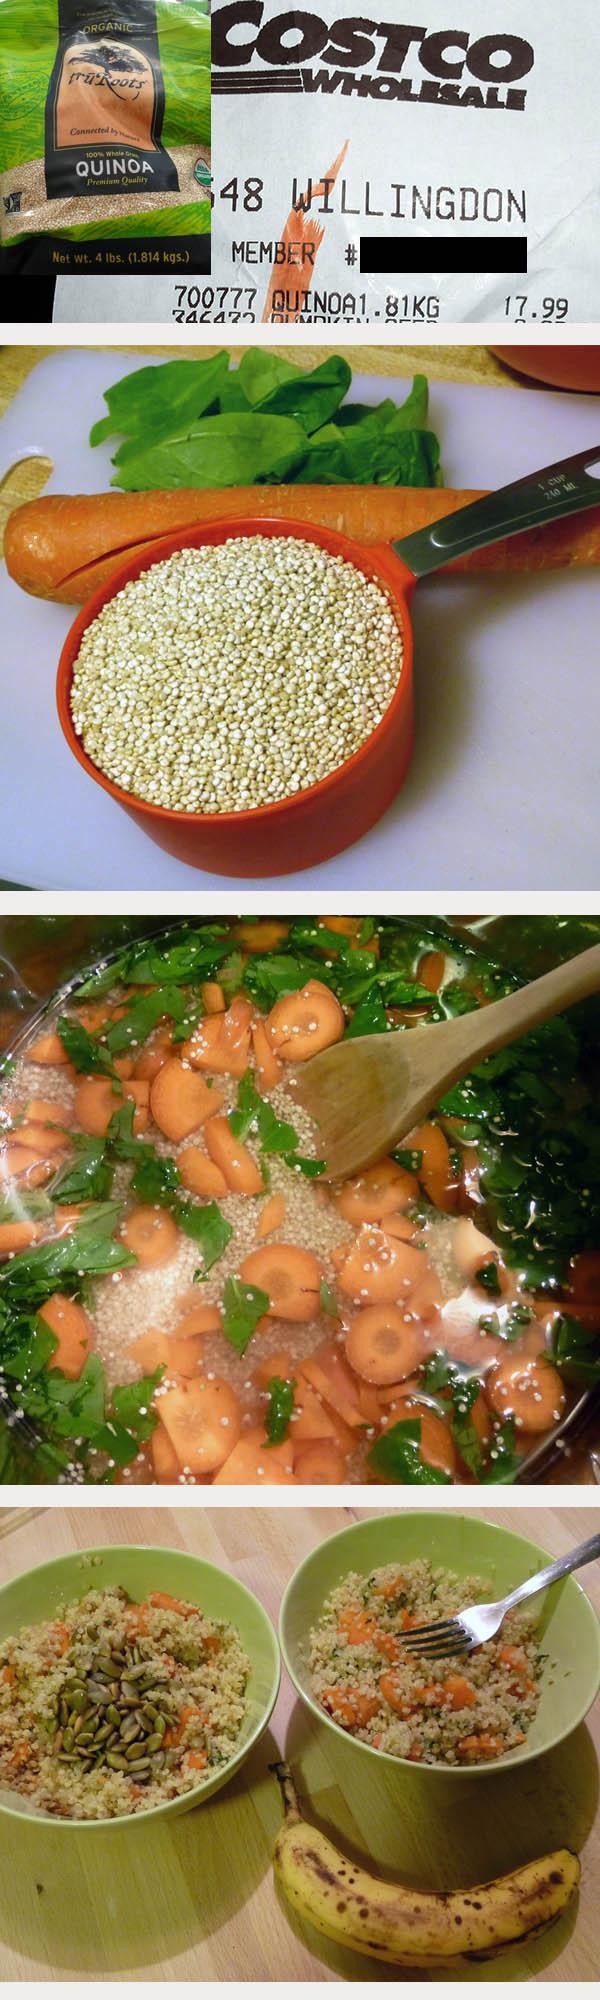 14-08-quinoa-recipe